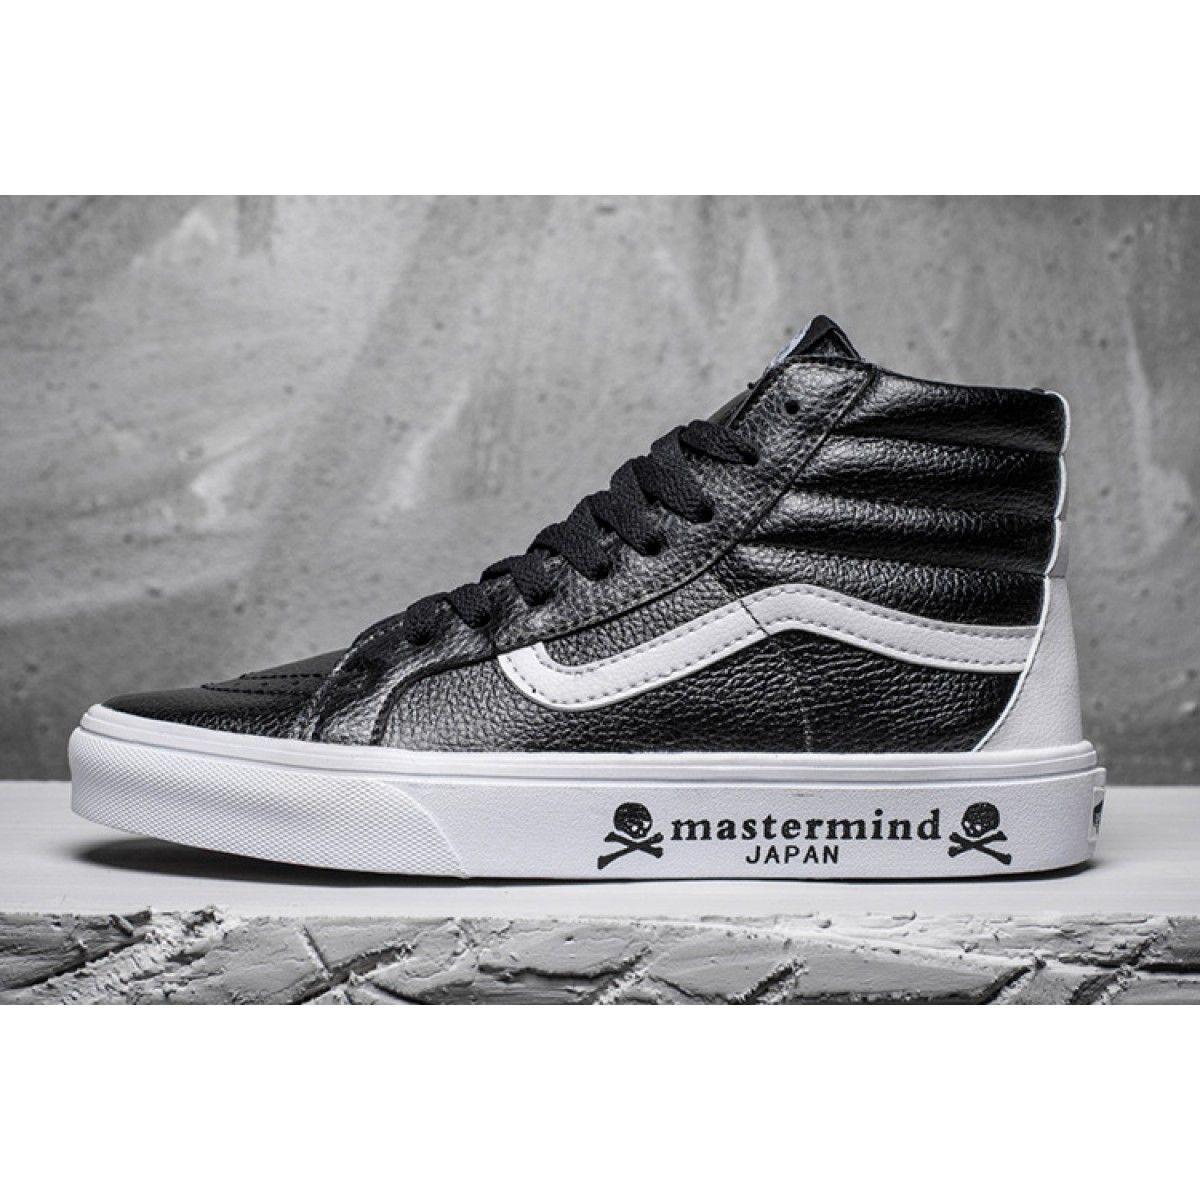 4ec024503f Mastermind Japan x Vans SK8-Hi Black Leather Winter Skate Shoes  Vans